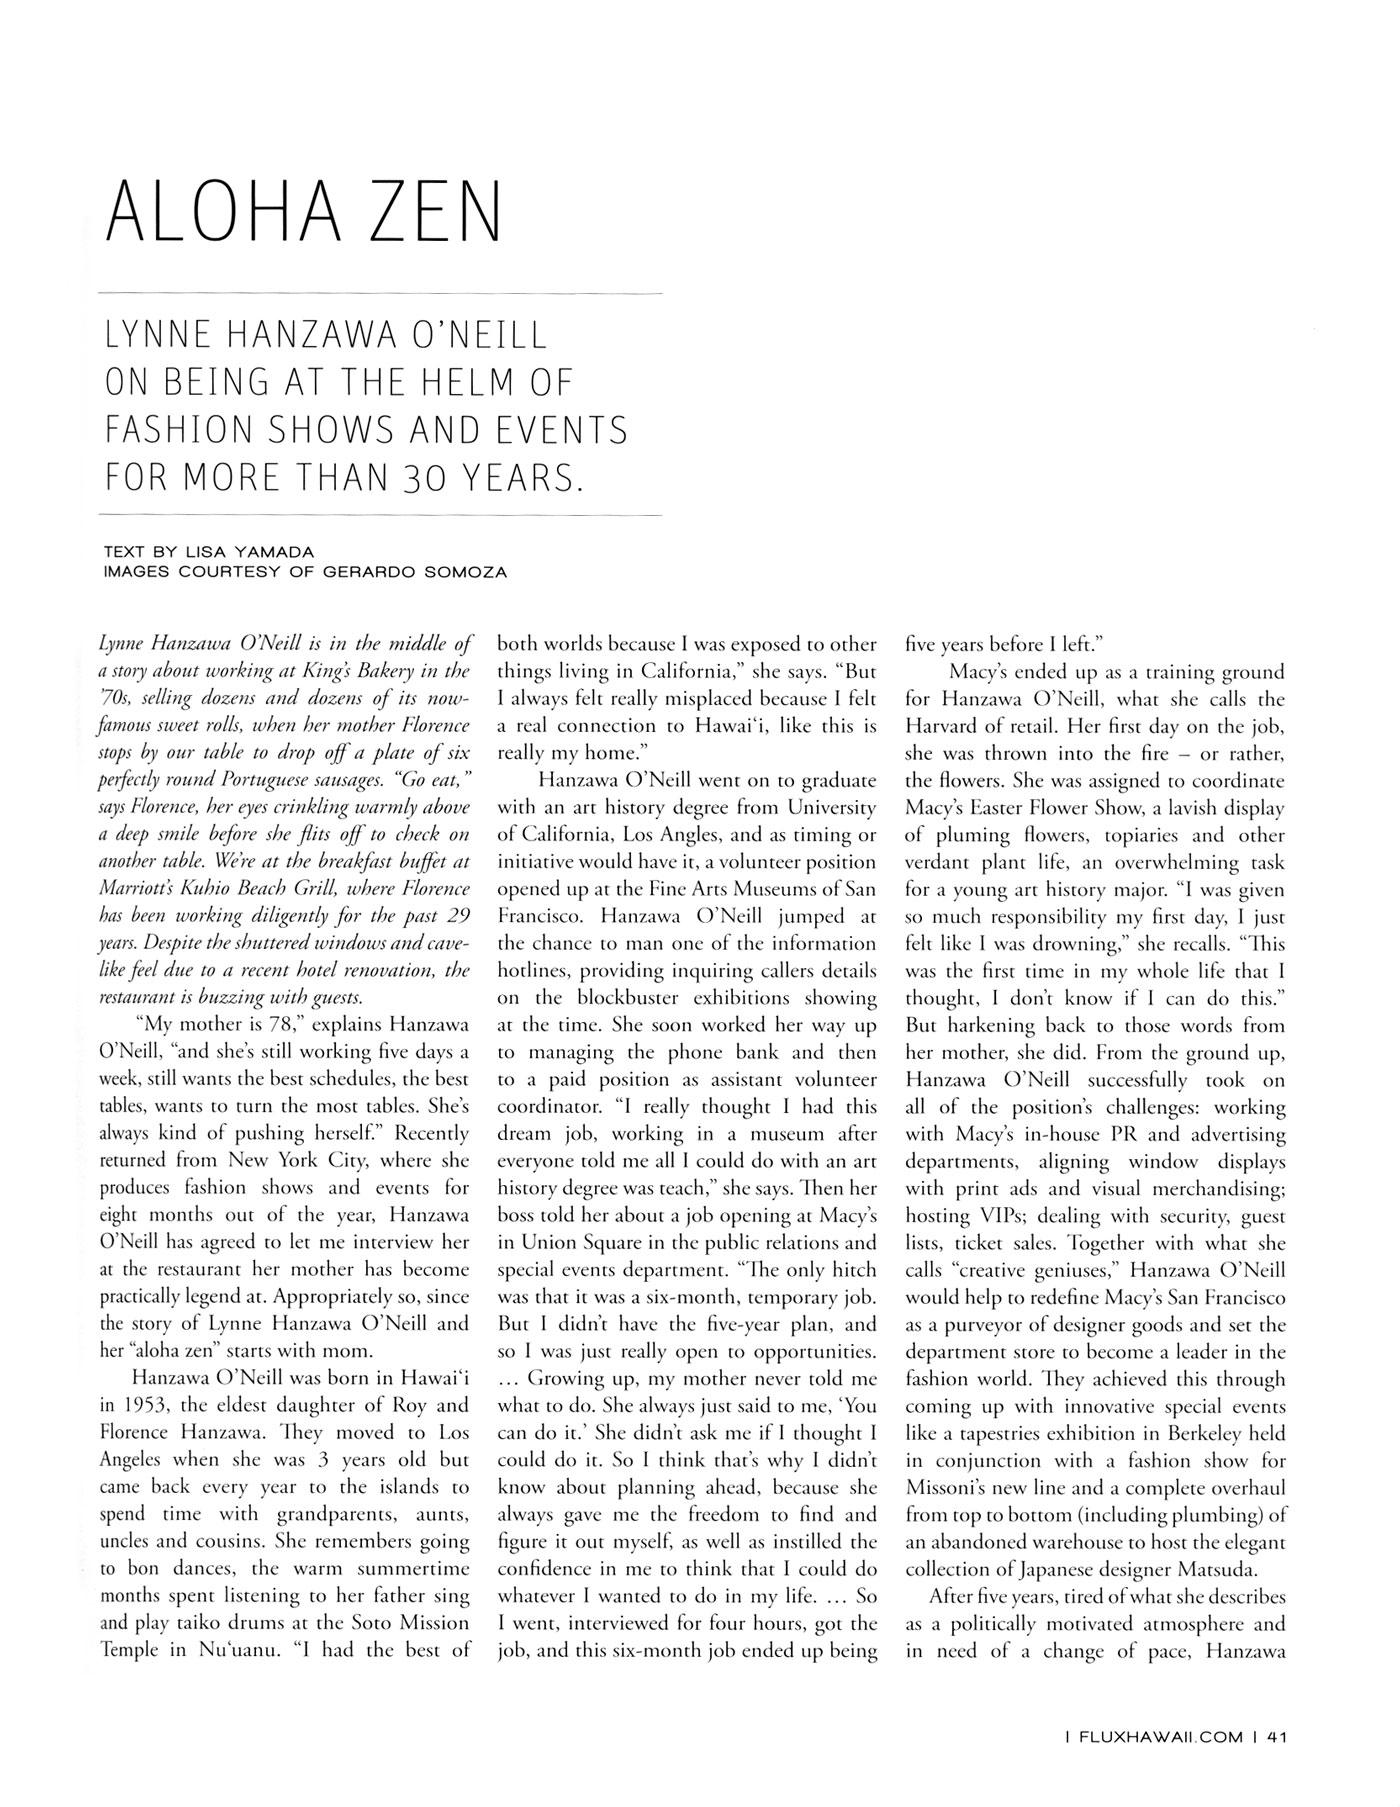 Aloha Zen